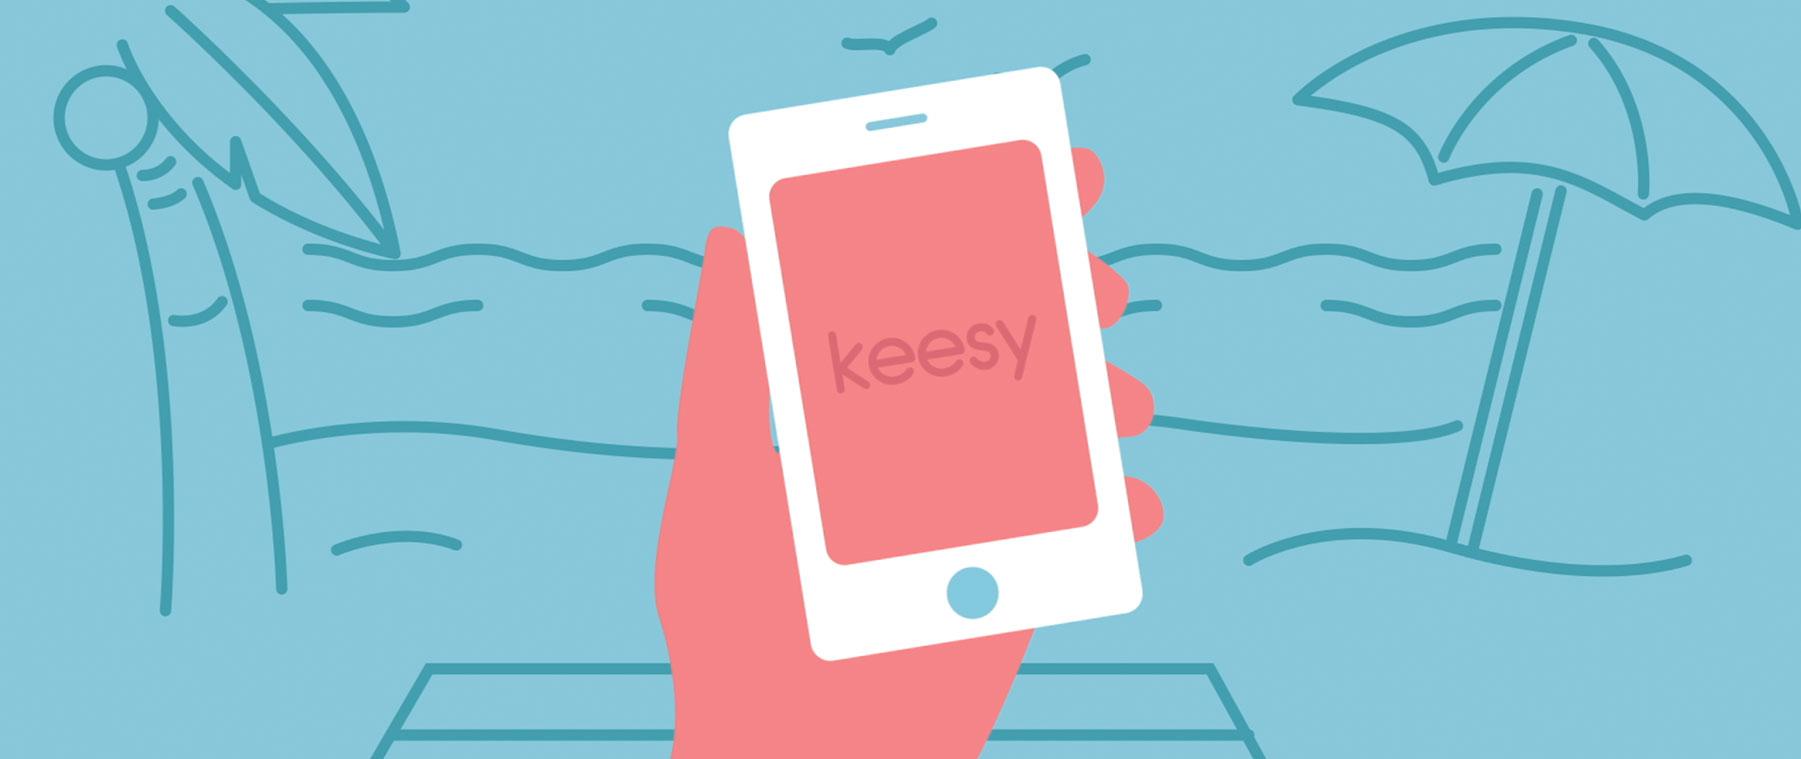 Keesy